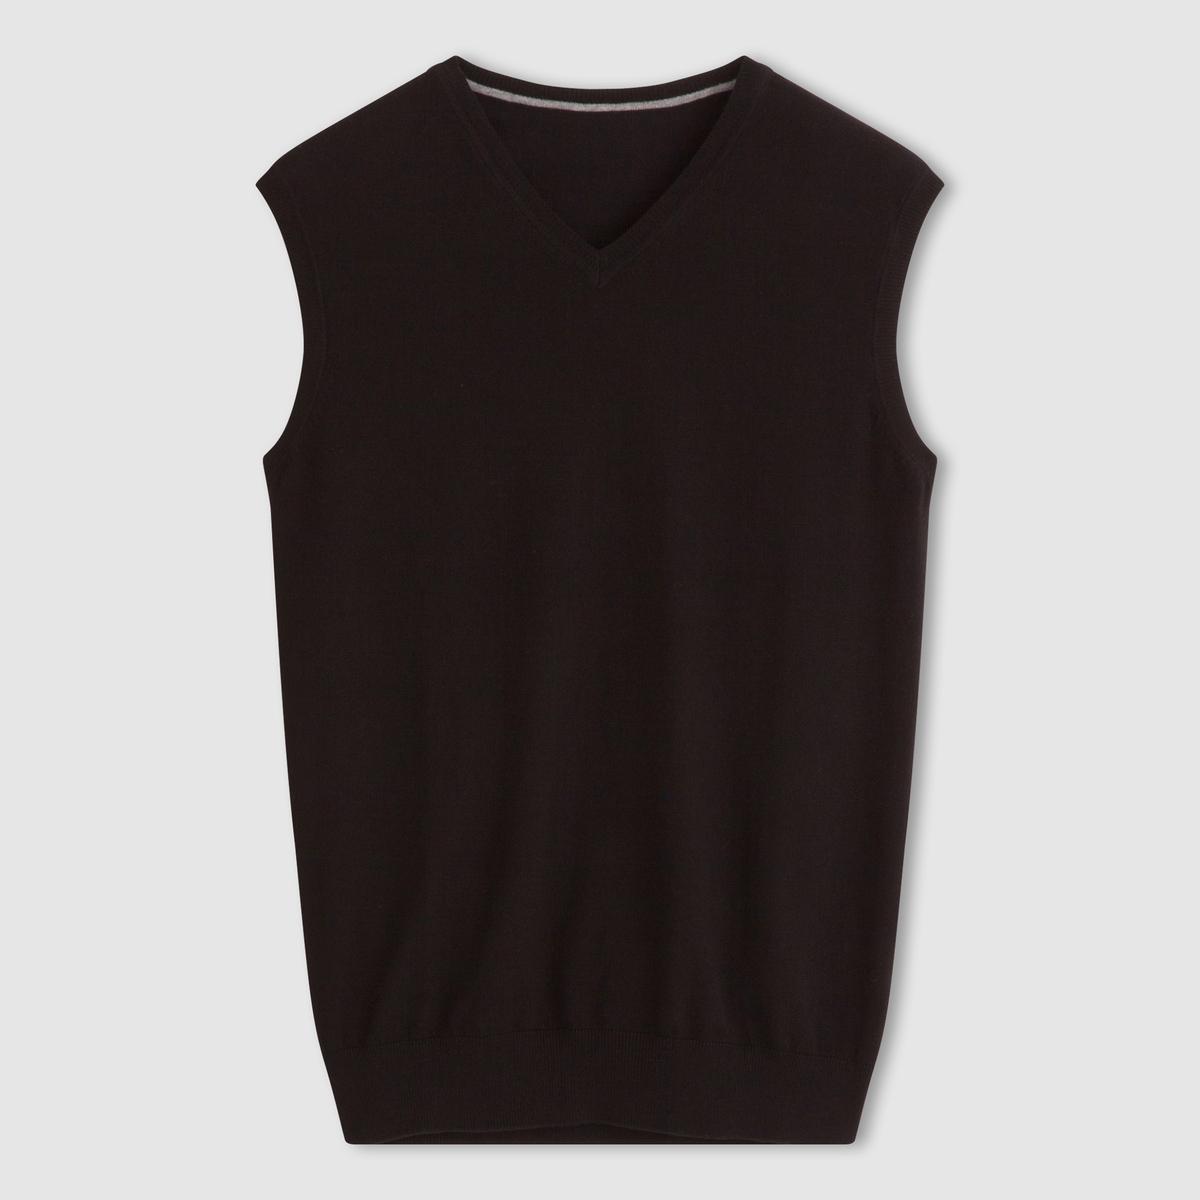 Пуловер с V-образным вырезом, без рукавовПуловер без рукавов, в духе топа. Прямой покрой и V-образный вырез . Низ связан в рубчик. Состав и описаниеМатериал: 80% хлопка, 20% полиамида.Марка: R essentiels.<br><br>Цвет: черный